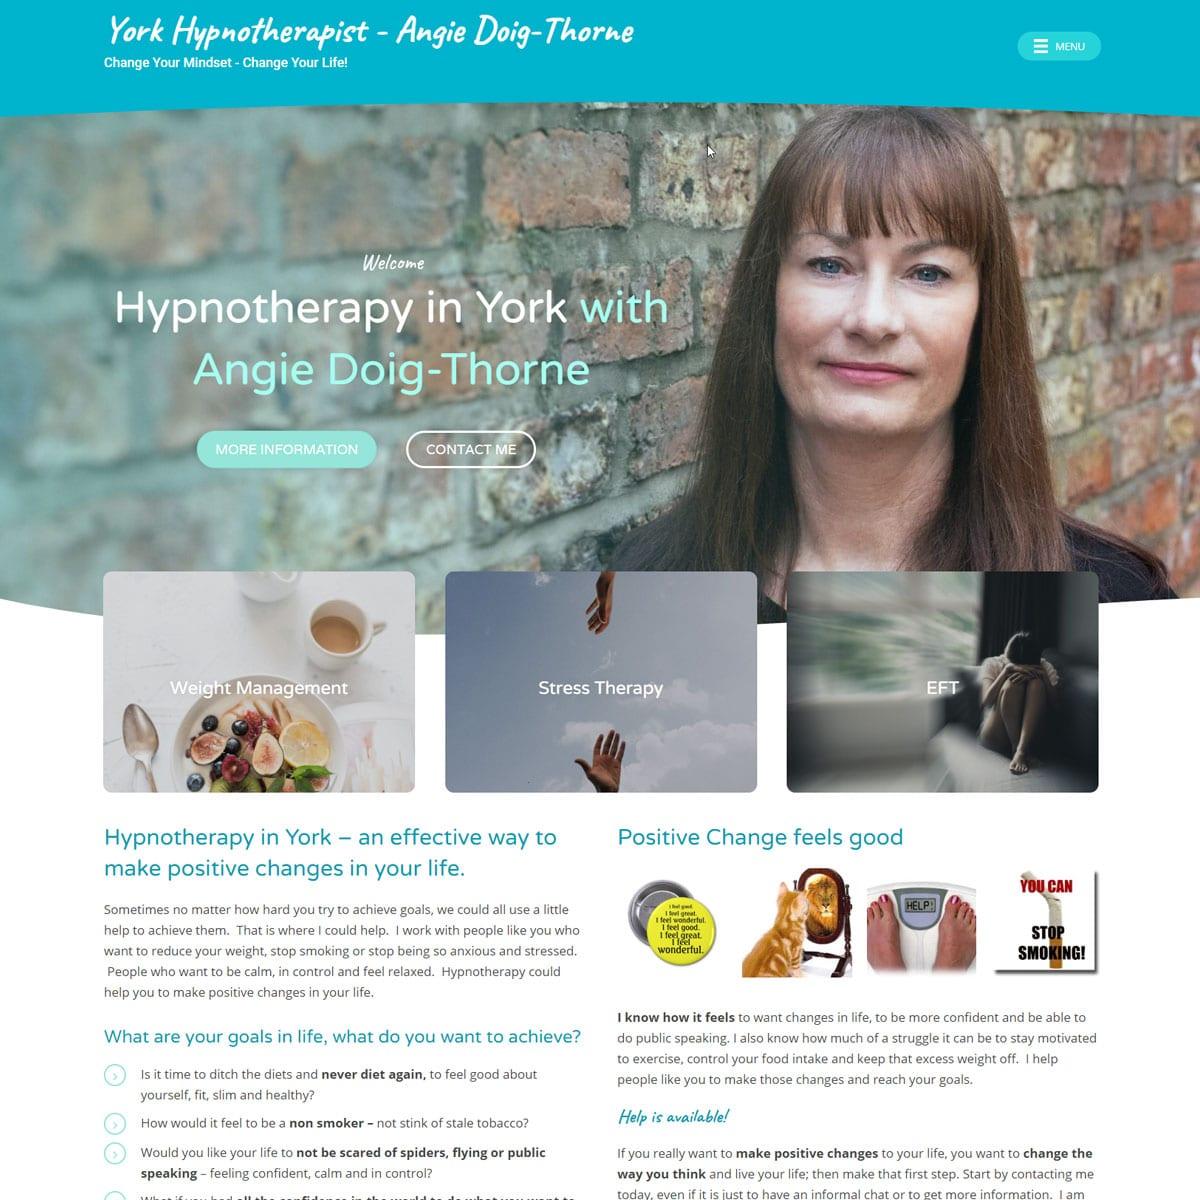 yorkhypnotherapist